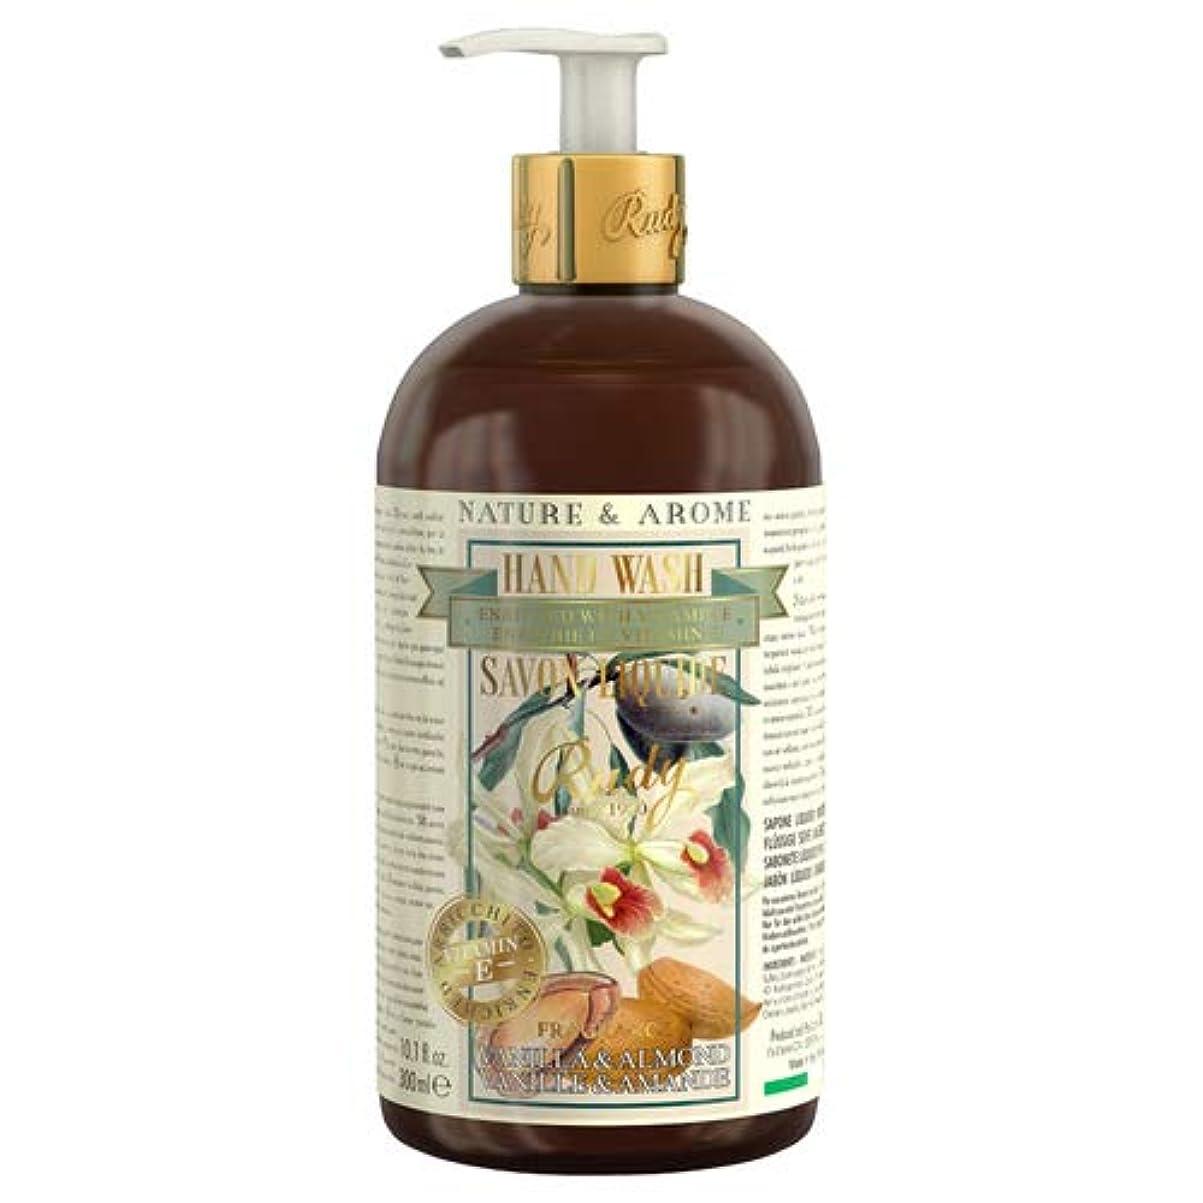 予報裕福な終わらせるRUDY Nature&Arome Apothecary ネイチャーアロマ アポセカリー Hand Wash ハンドウォッシュ(ボディソープ) Vanilla & Almond バニラ&アーモンド